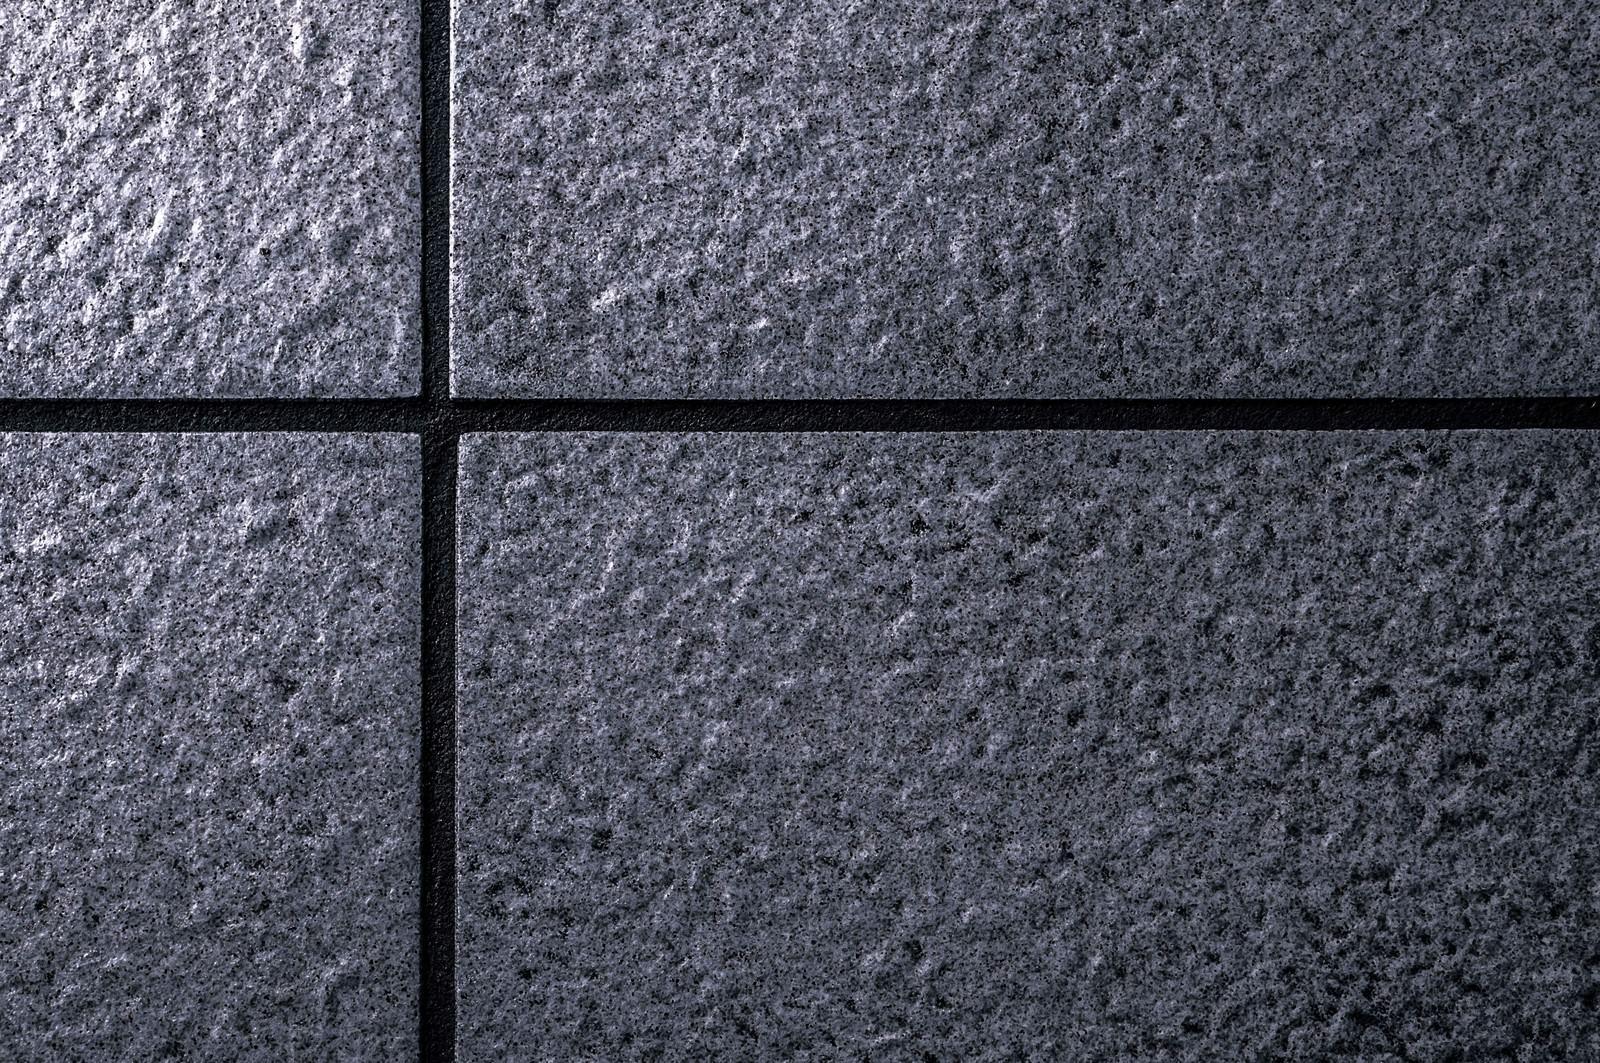 「暗いタイルの壁」の写真